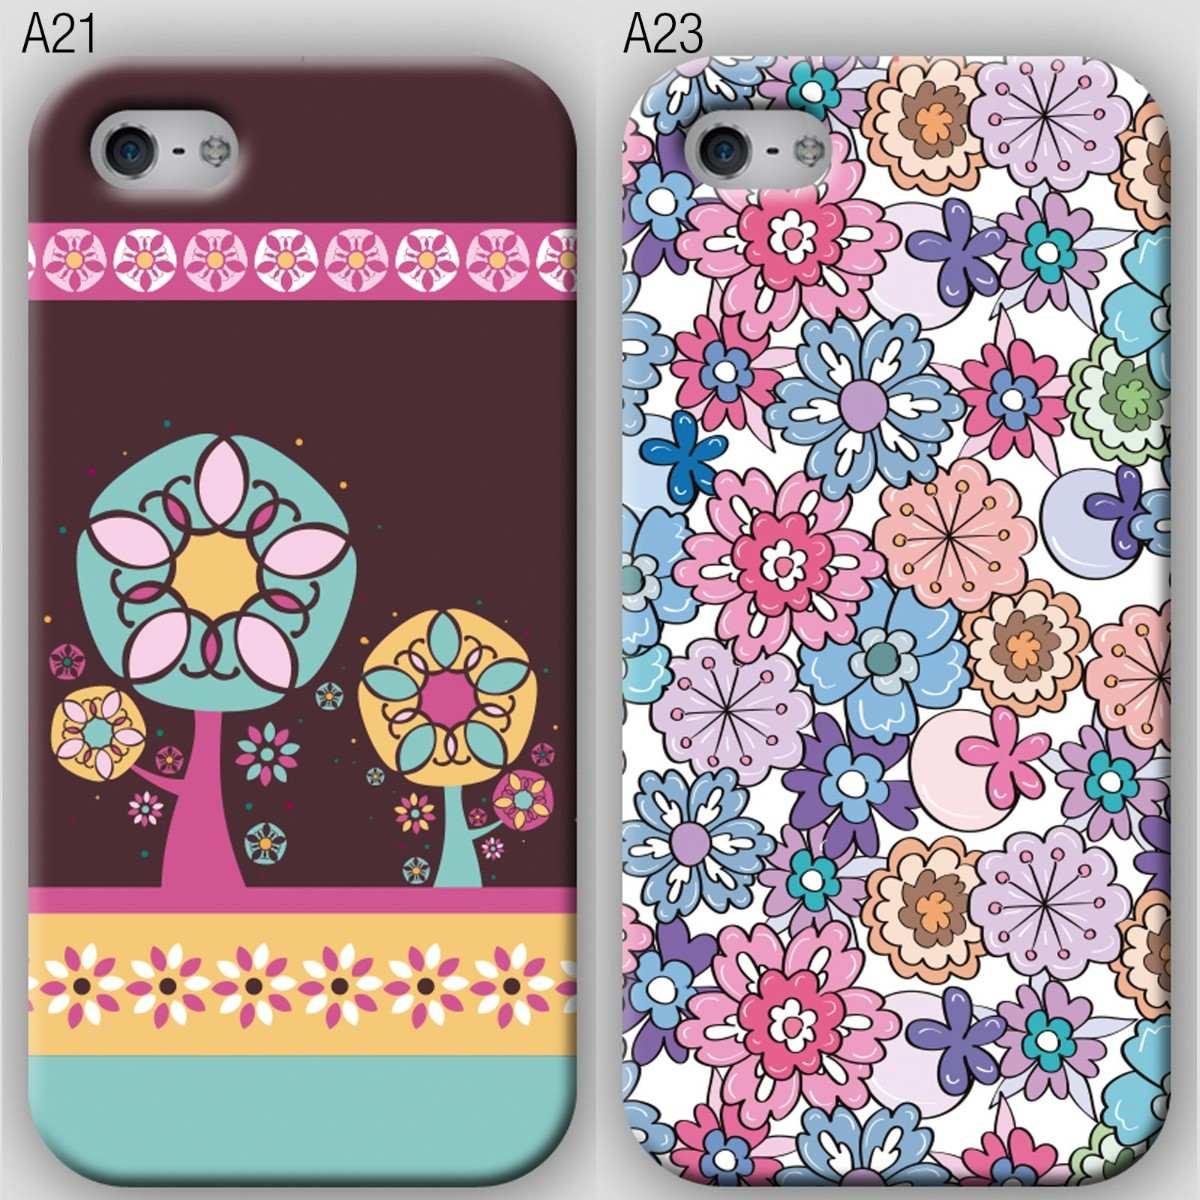 iphone 5 precio mercado